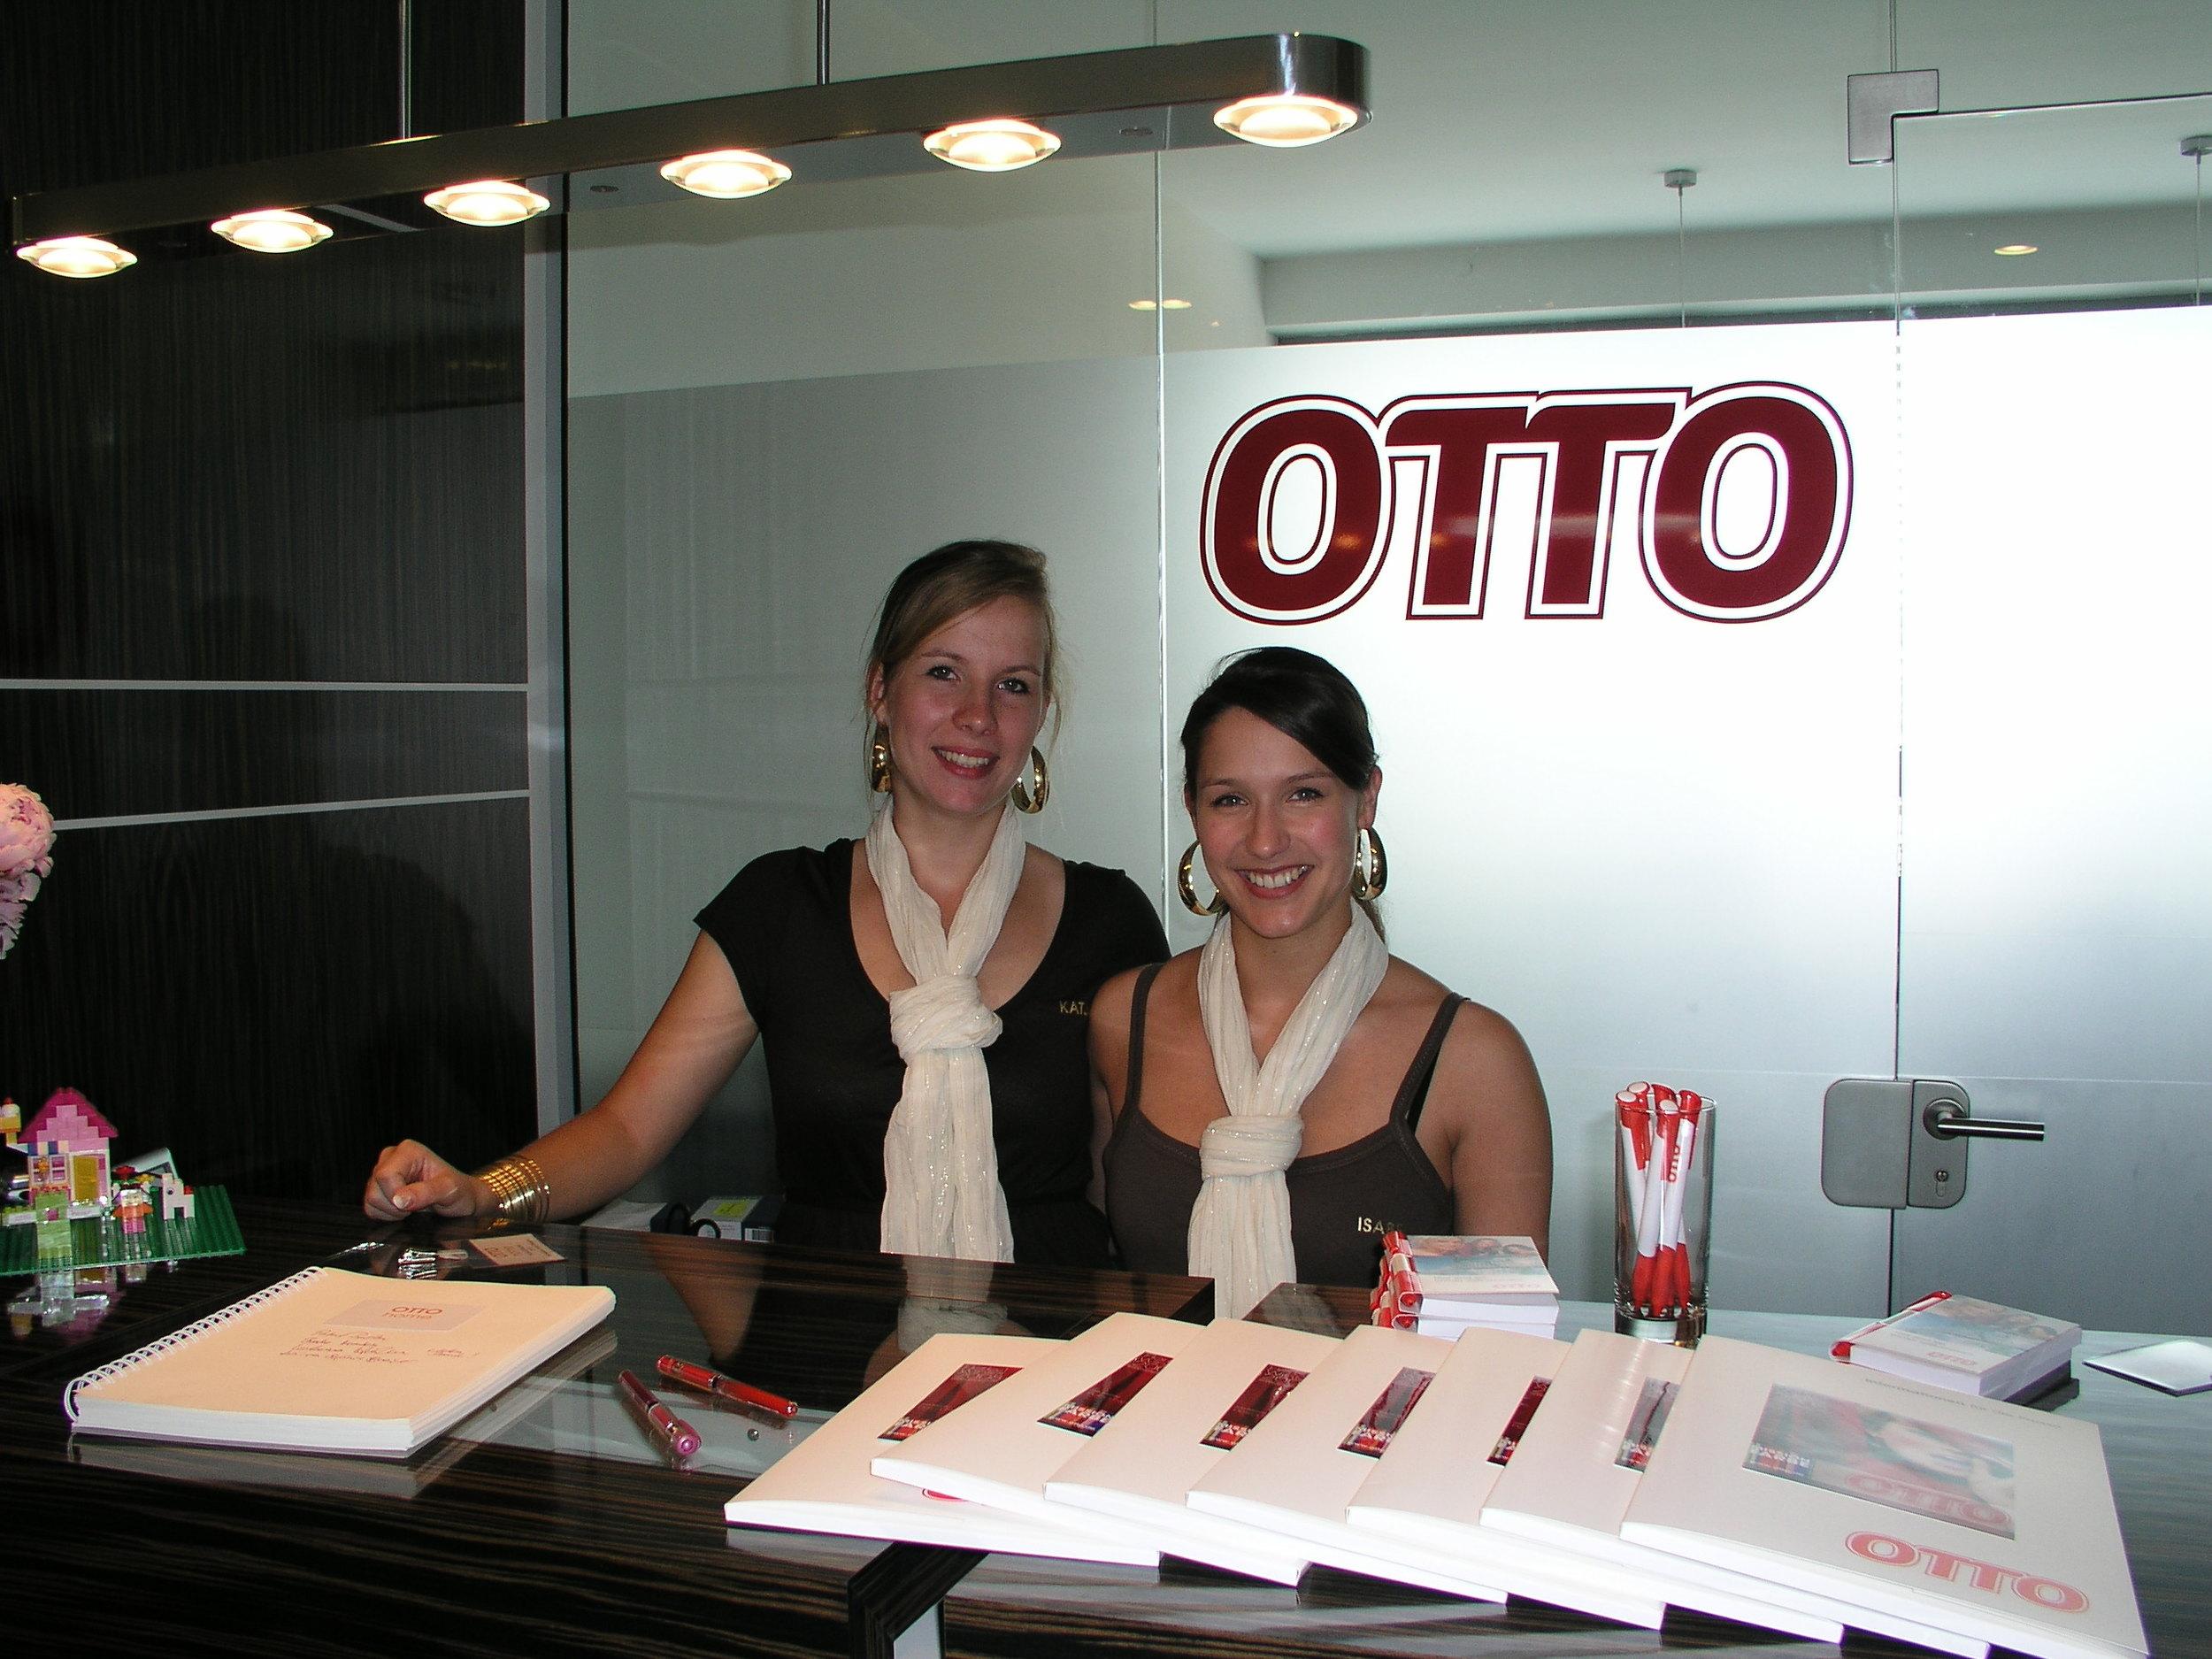 Otto Event